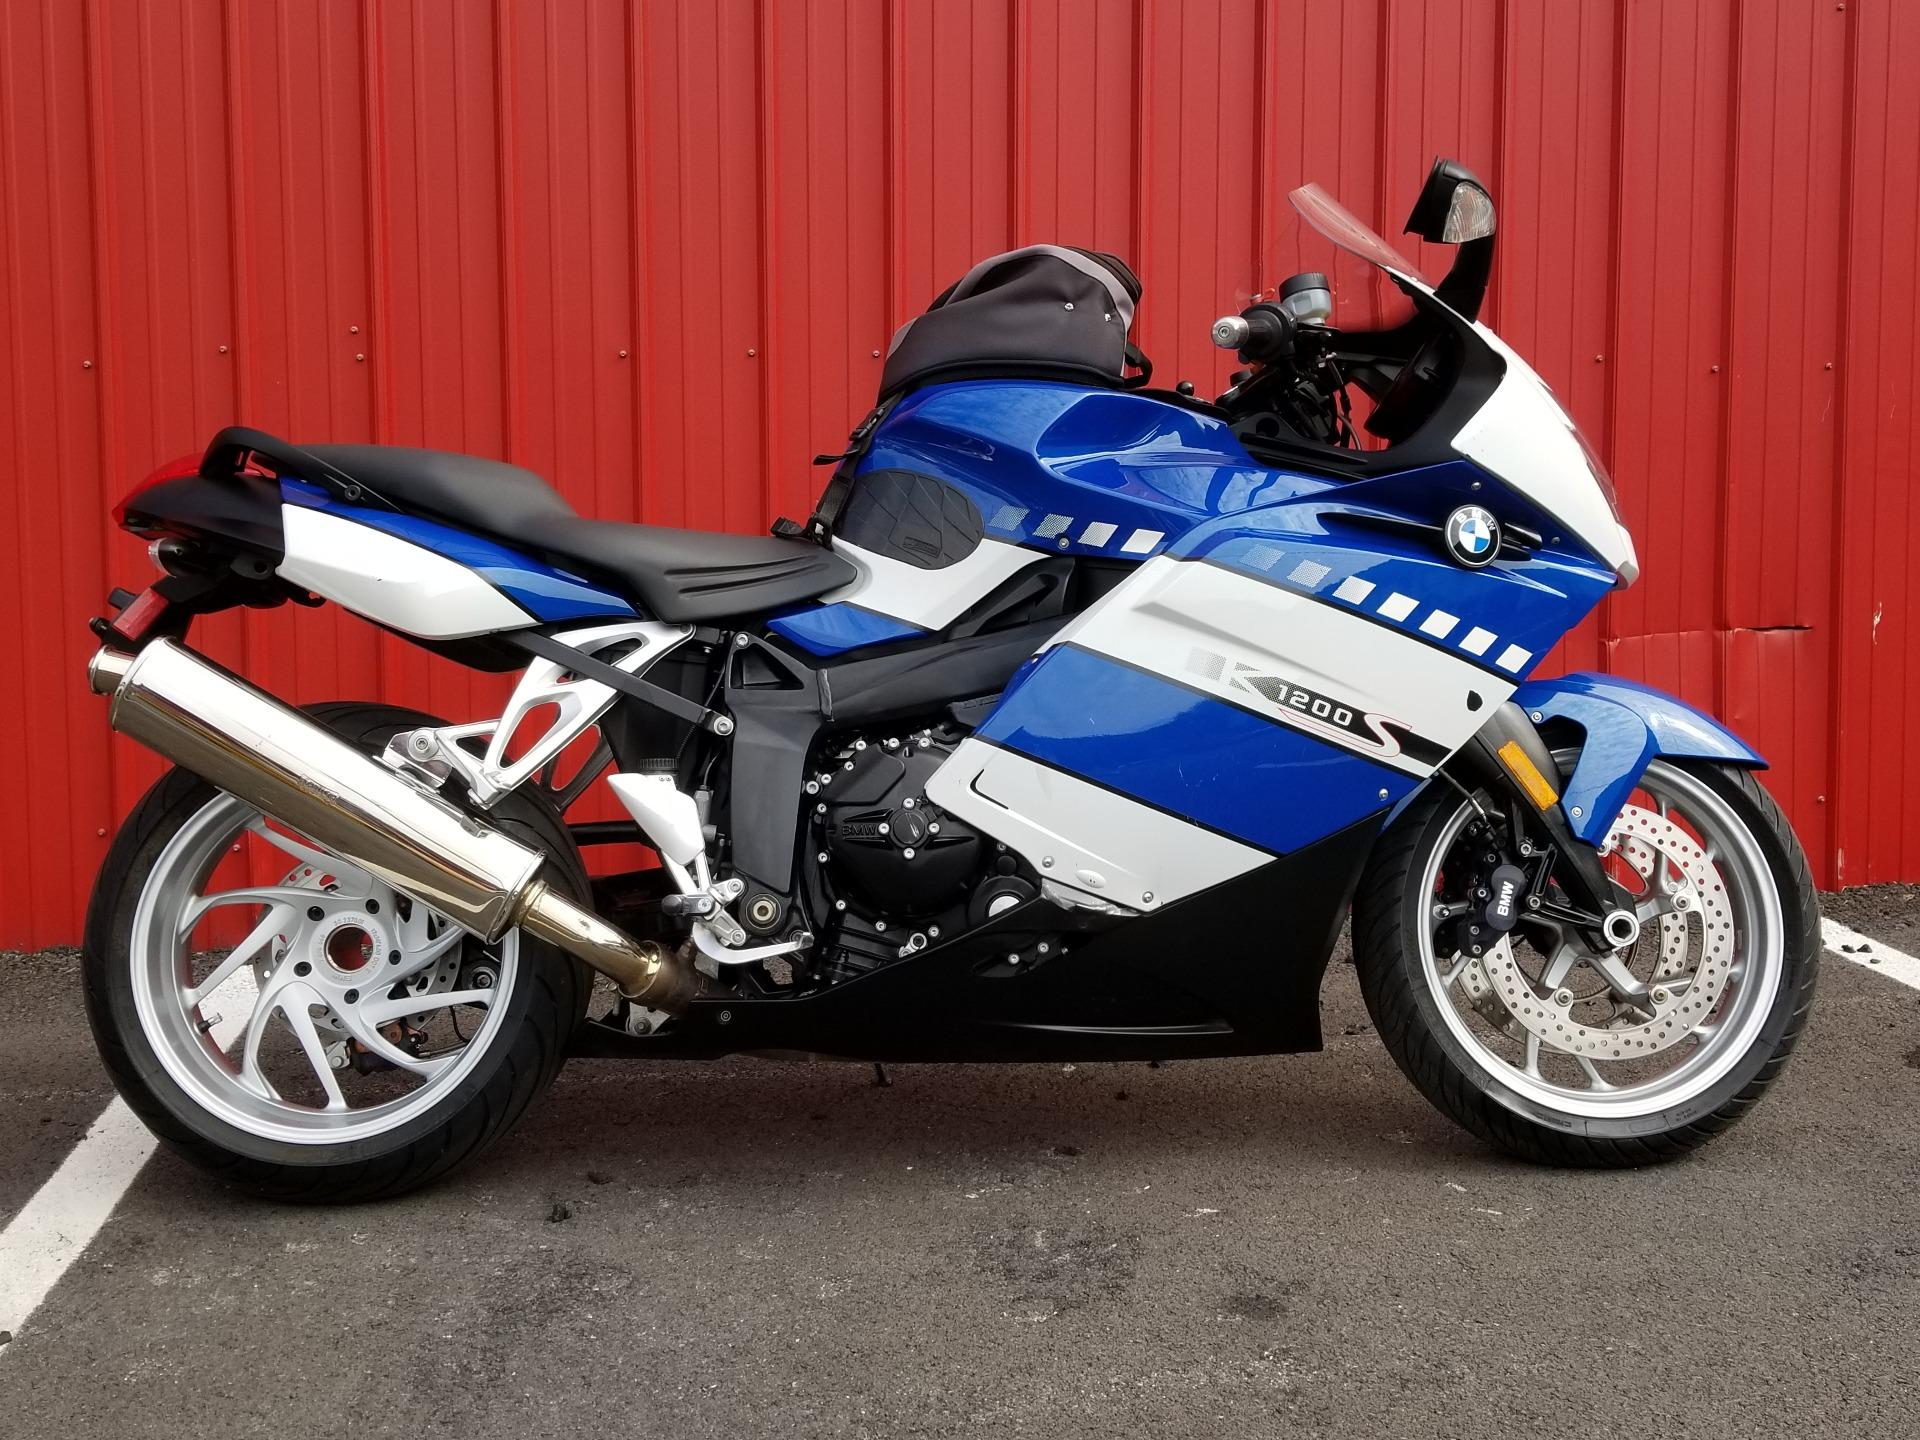 2005 Bmw K 1200 S Motorcycles Port Clinton Pennsylvania